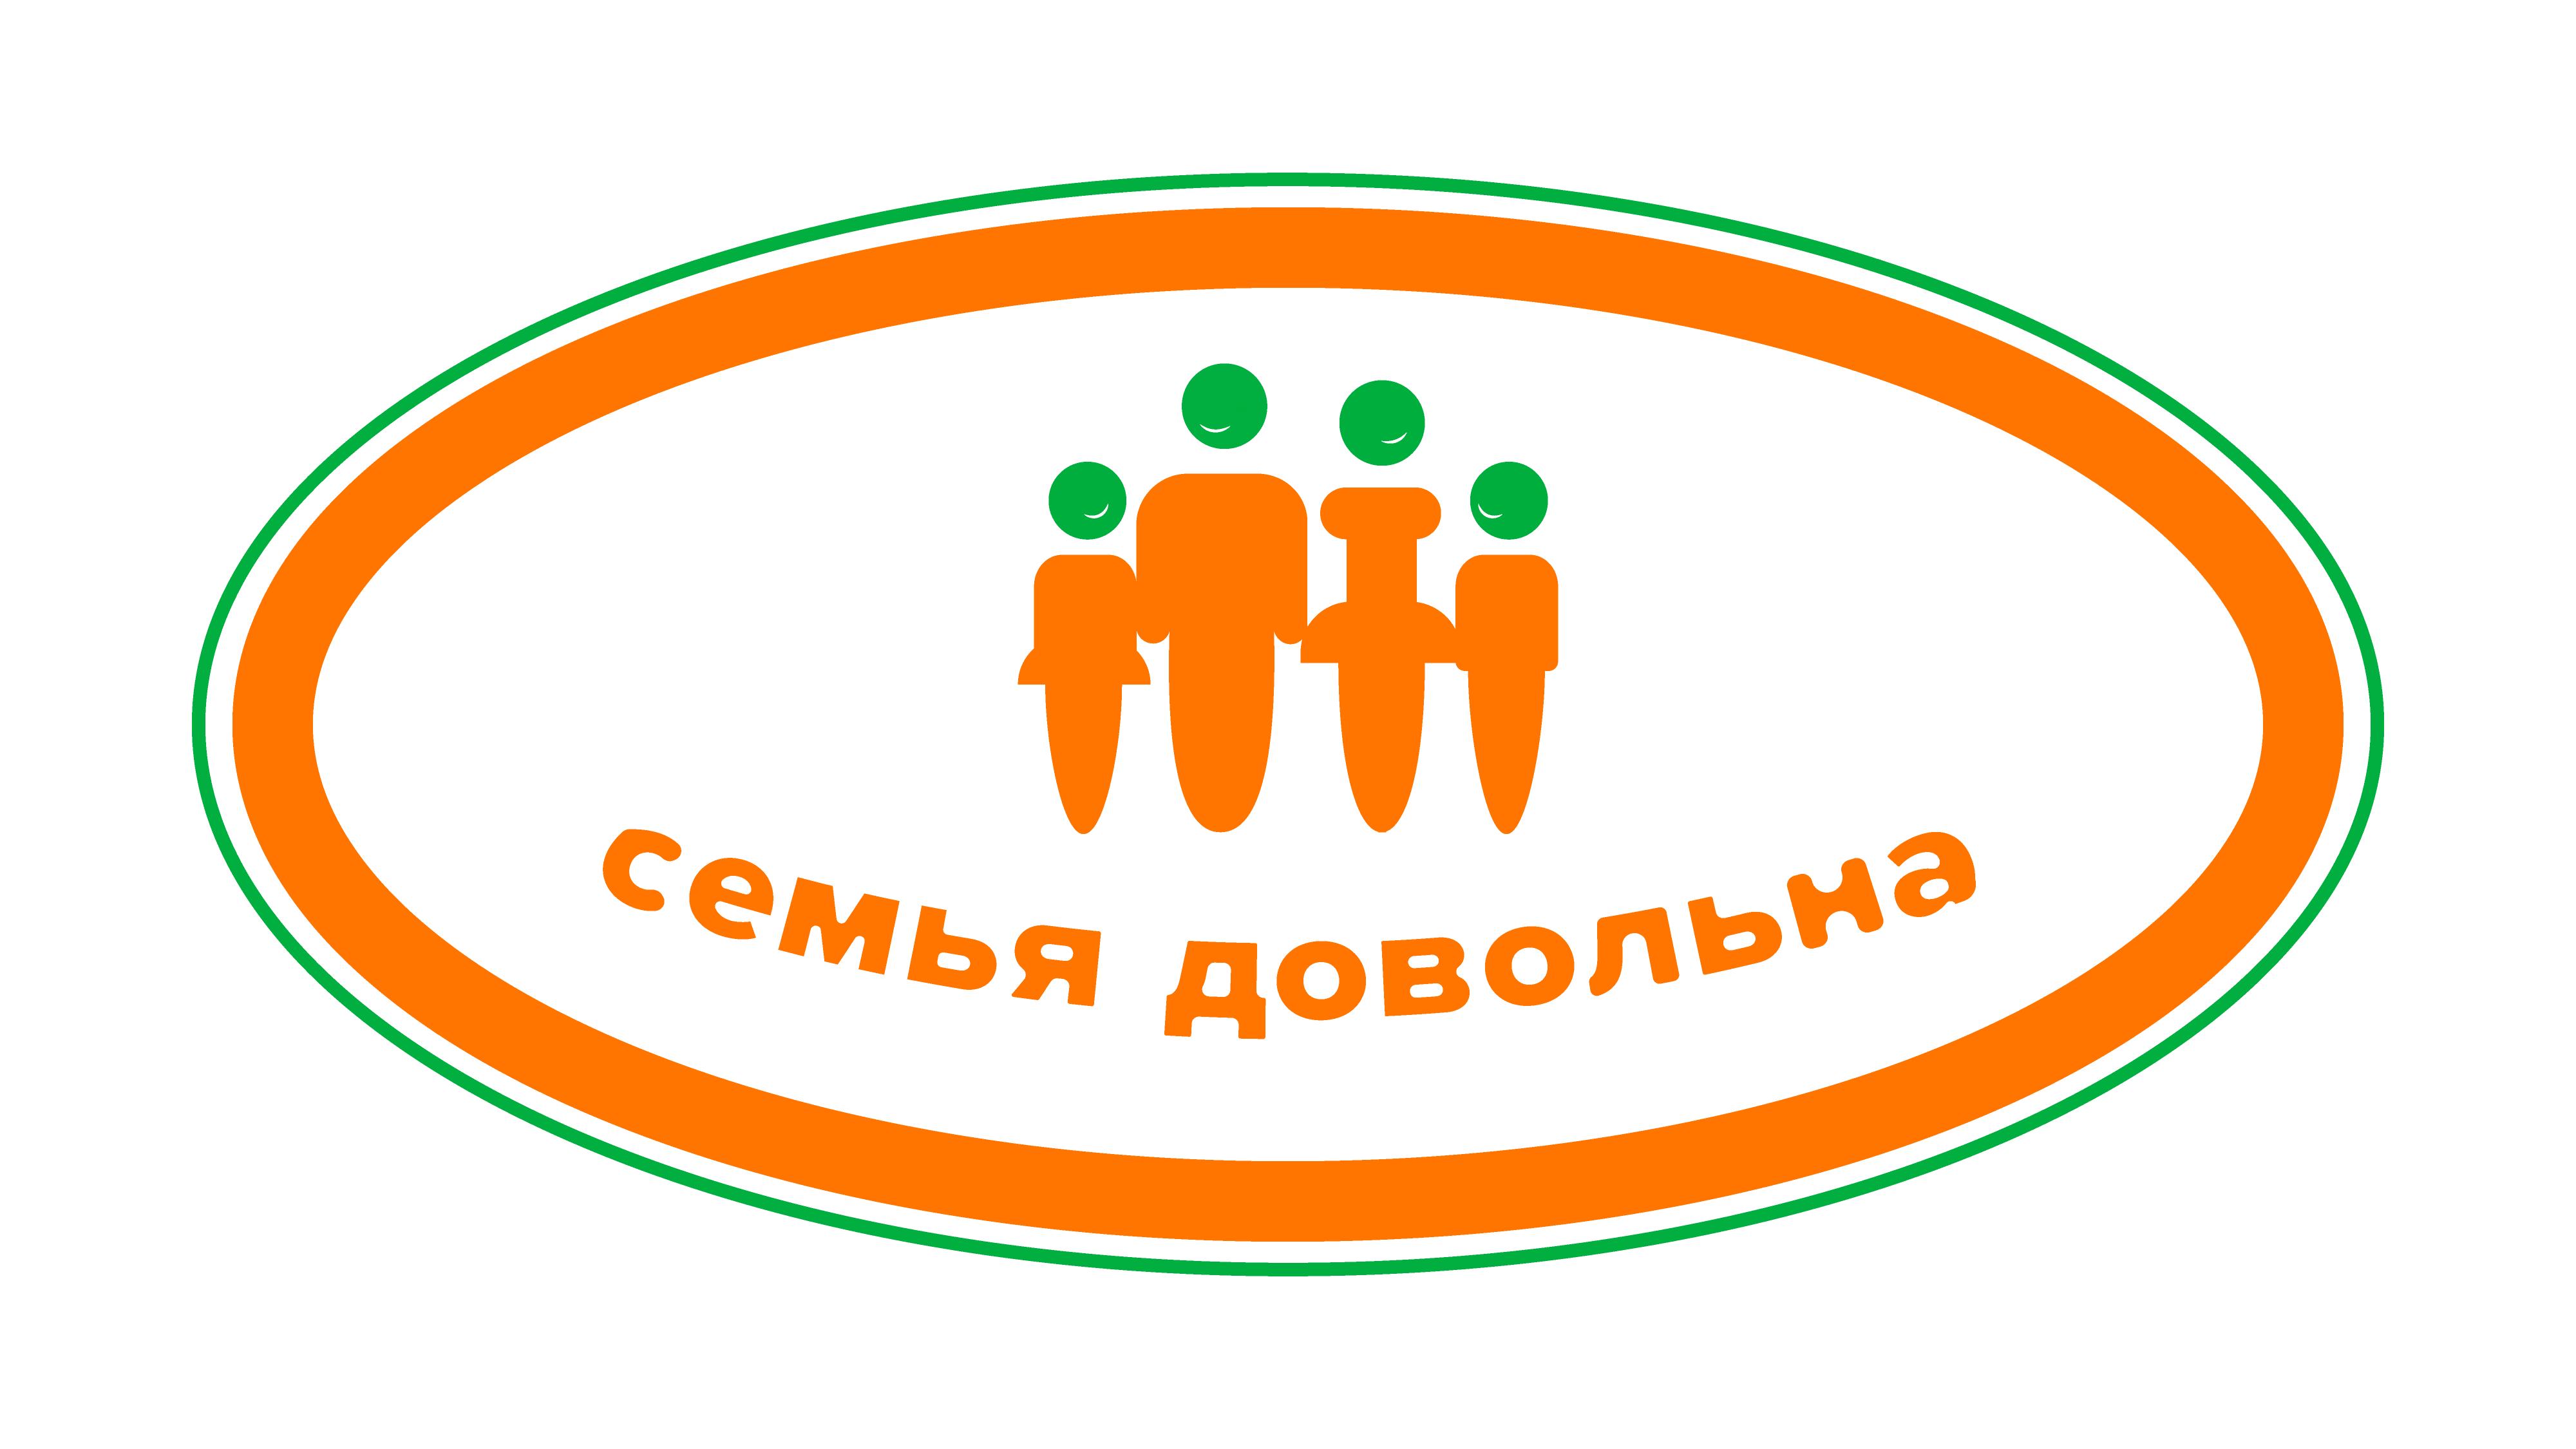 """Разработайте логотип для торговой марки """"Семья довольна"""" фото f_4025ba7da533fd86.png"""